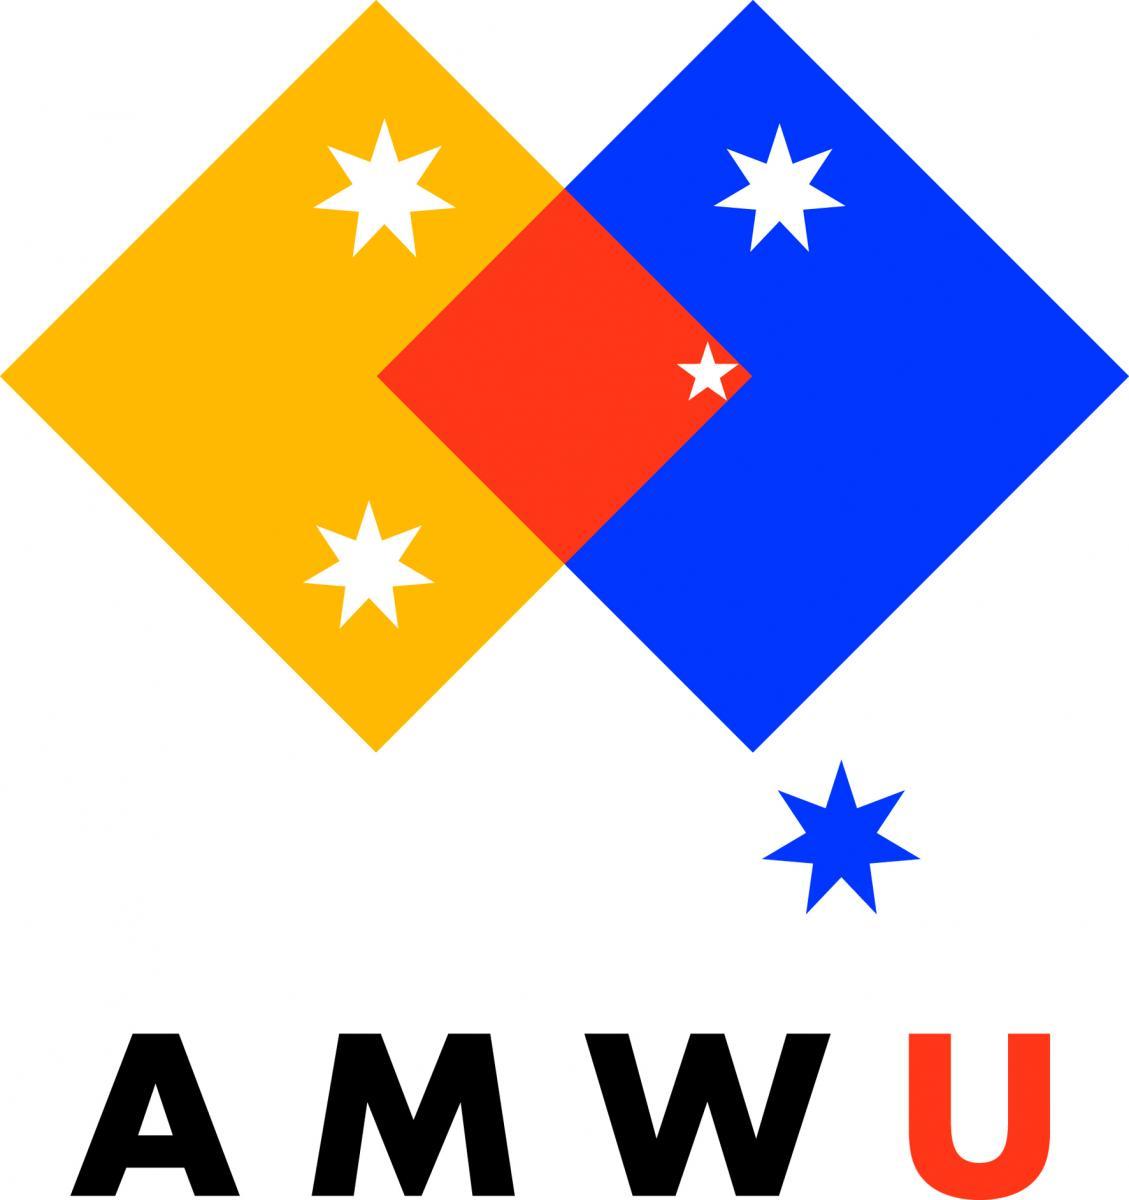 AMWU_logo.jpg